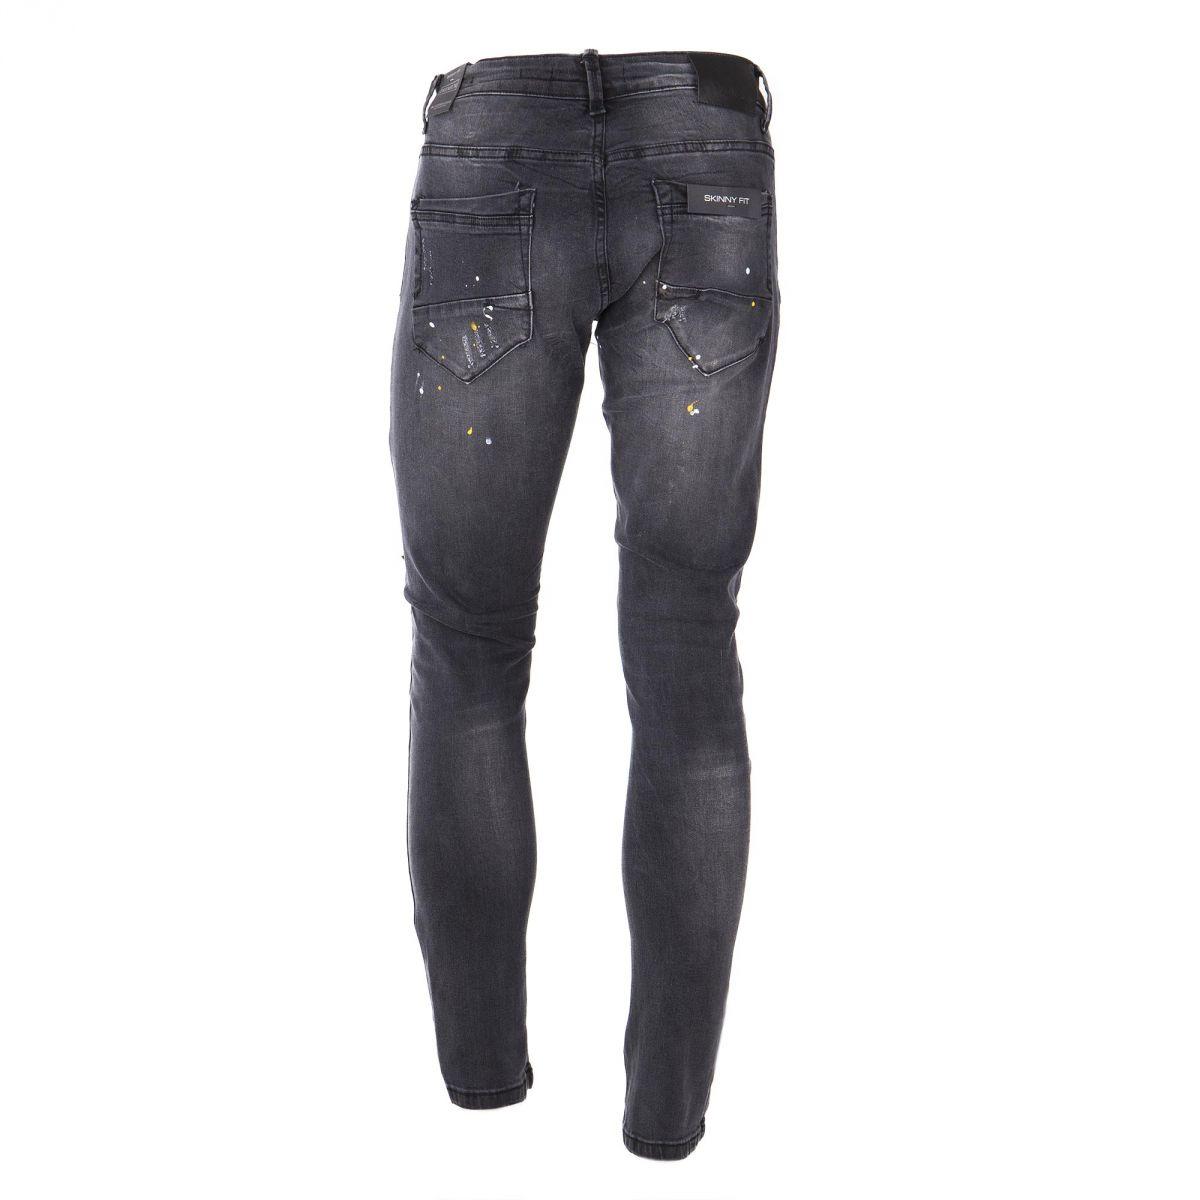 jean skinny stretch noir empi cements d chiri s homme blue spencer 39 s. Black Bedroom Furniture Sets. Home Design Ideas